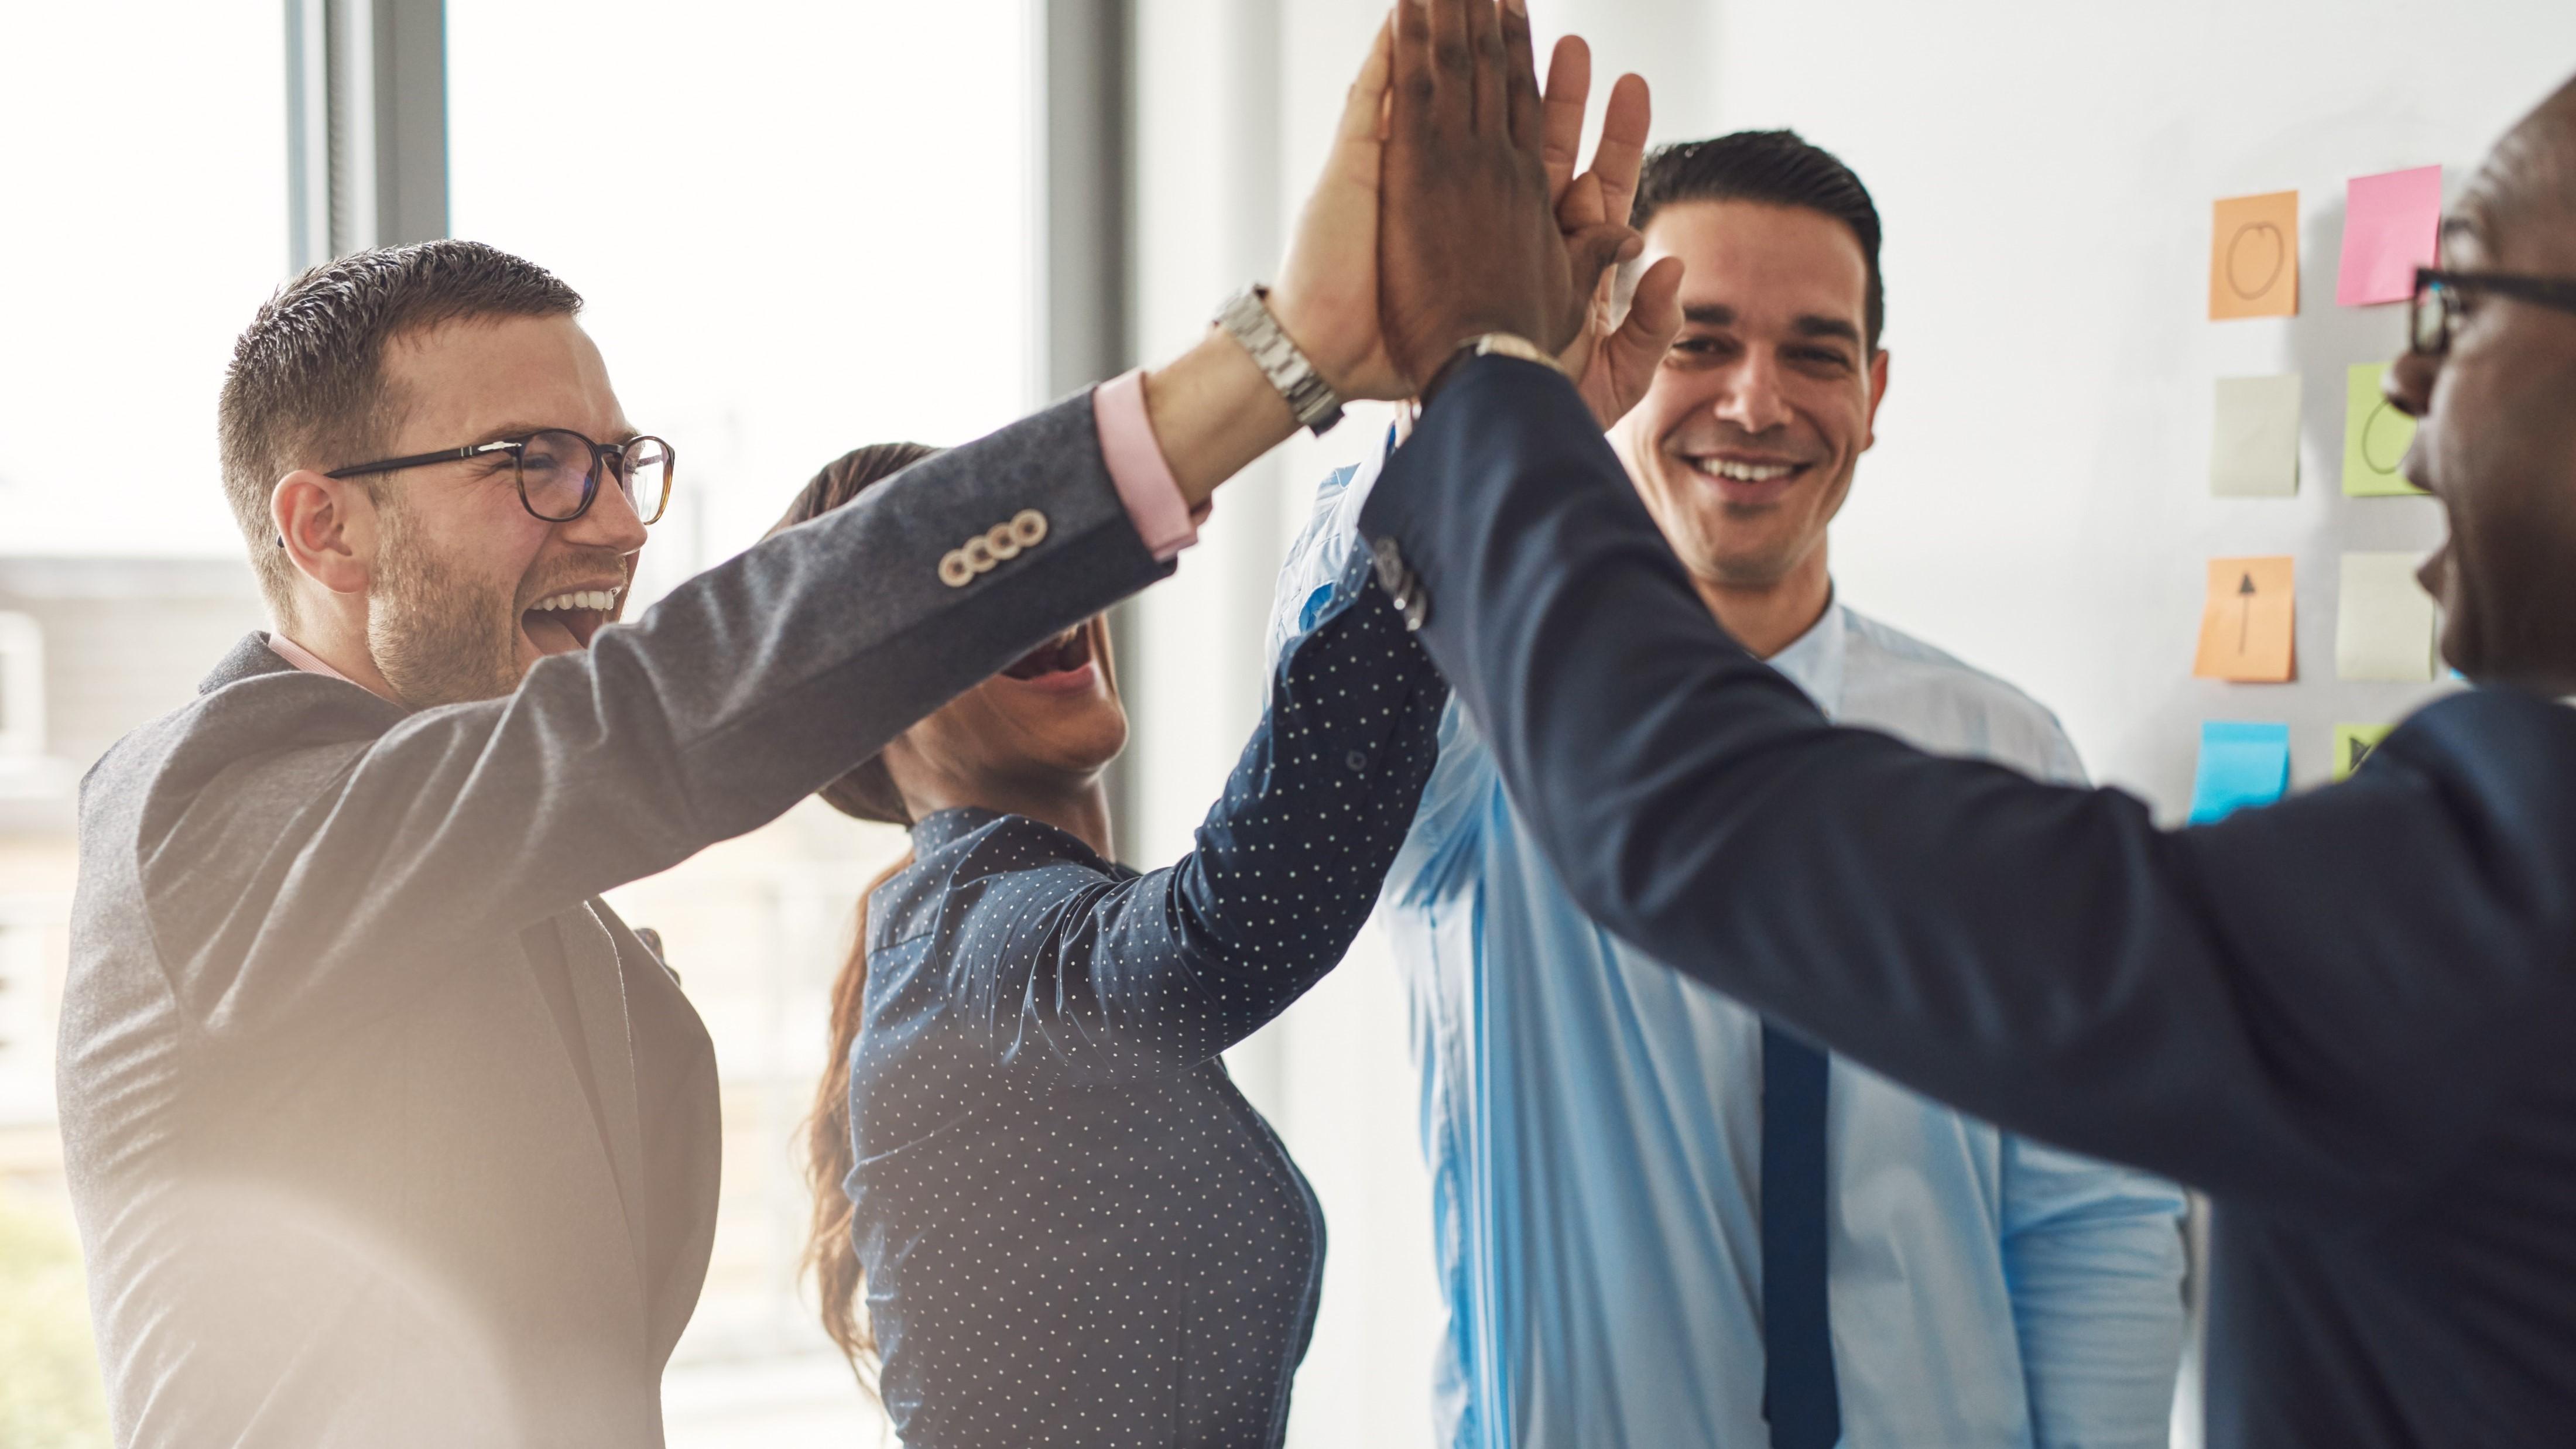 【大手物流企業 山九登壇セミナー】社内のチームワークを促す英語研修の取り組み